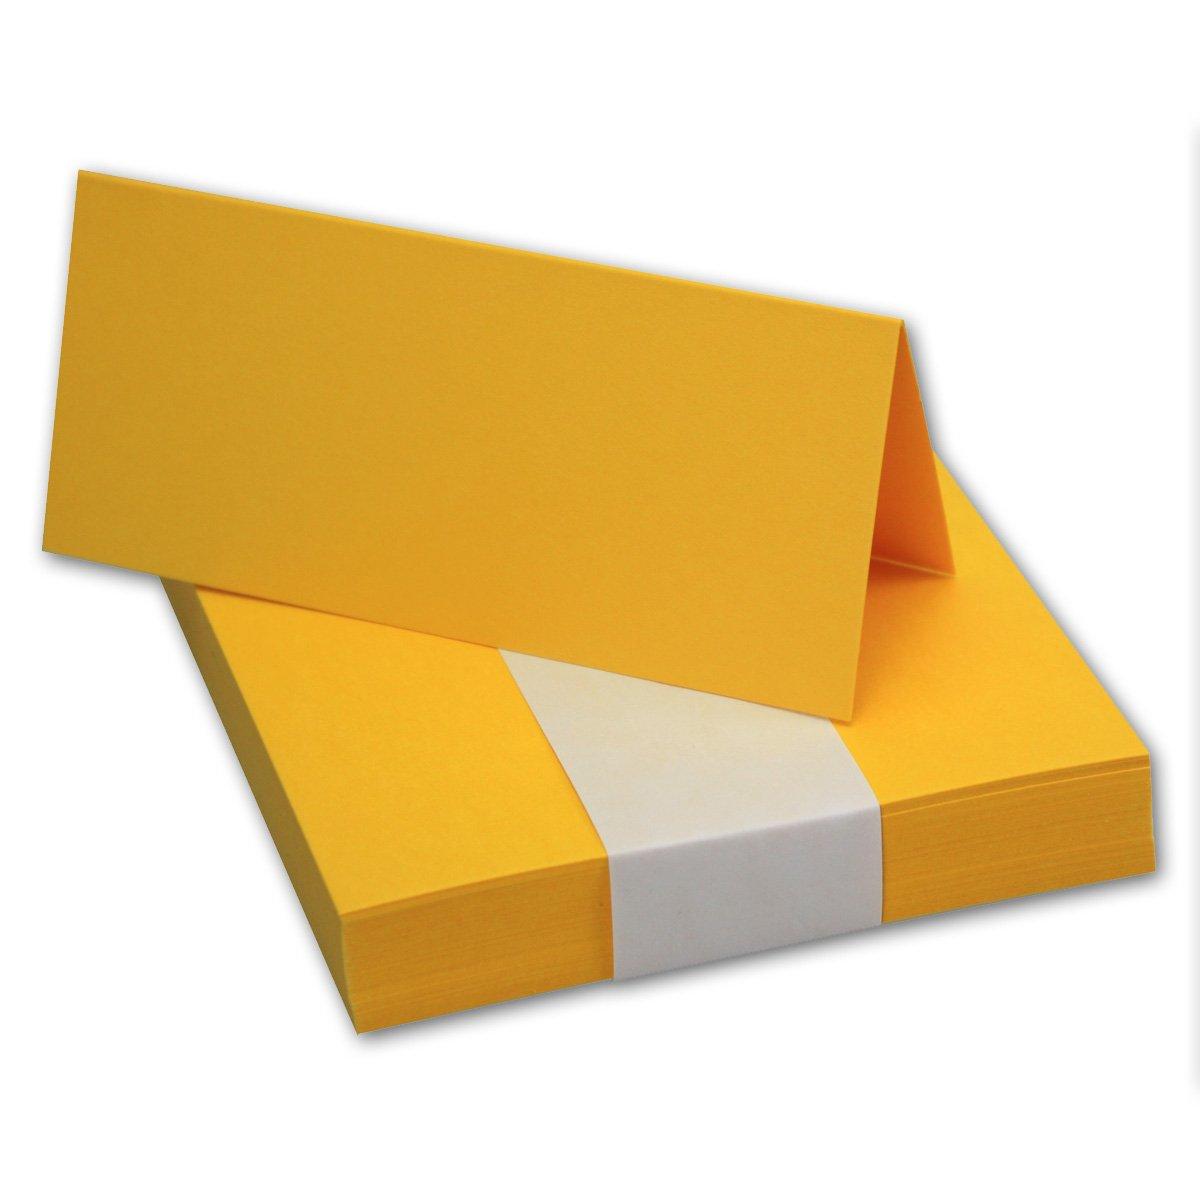 200x Tischkarten Tischkarten Tischkarten in Hochweiß I Größe  100 x 90 mm (Gefaltet 100 x 45 mm) I 240 g m² - Sehr Schwere und Stabile Qualität I aus der Serie FarbenFroh von NEUSER  B07FS5T6F3 | Niedriger Preis und gute Qualität  584b20